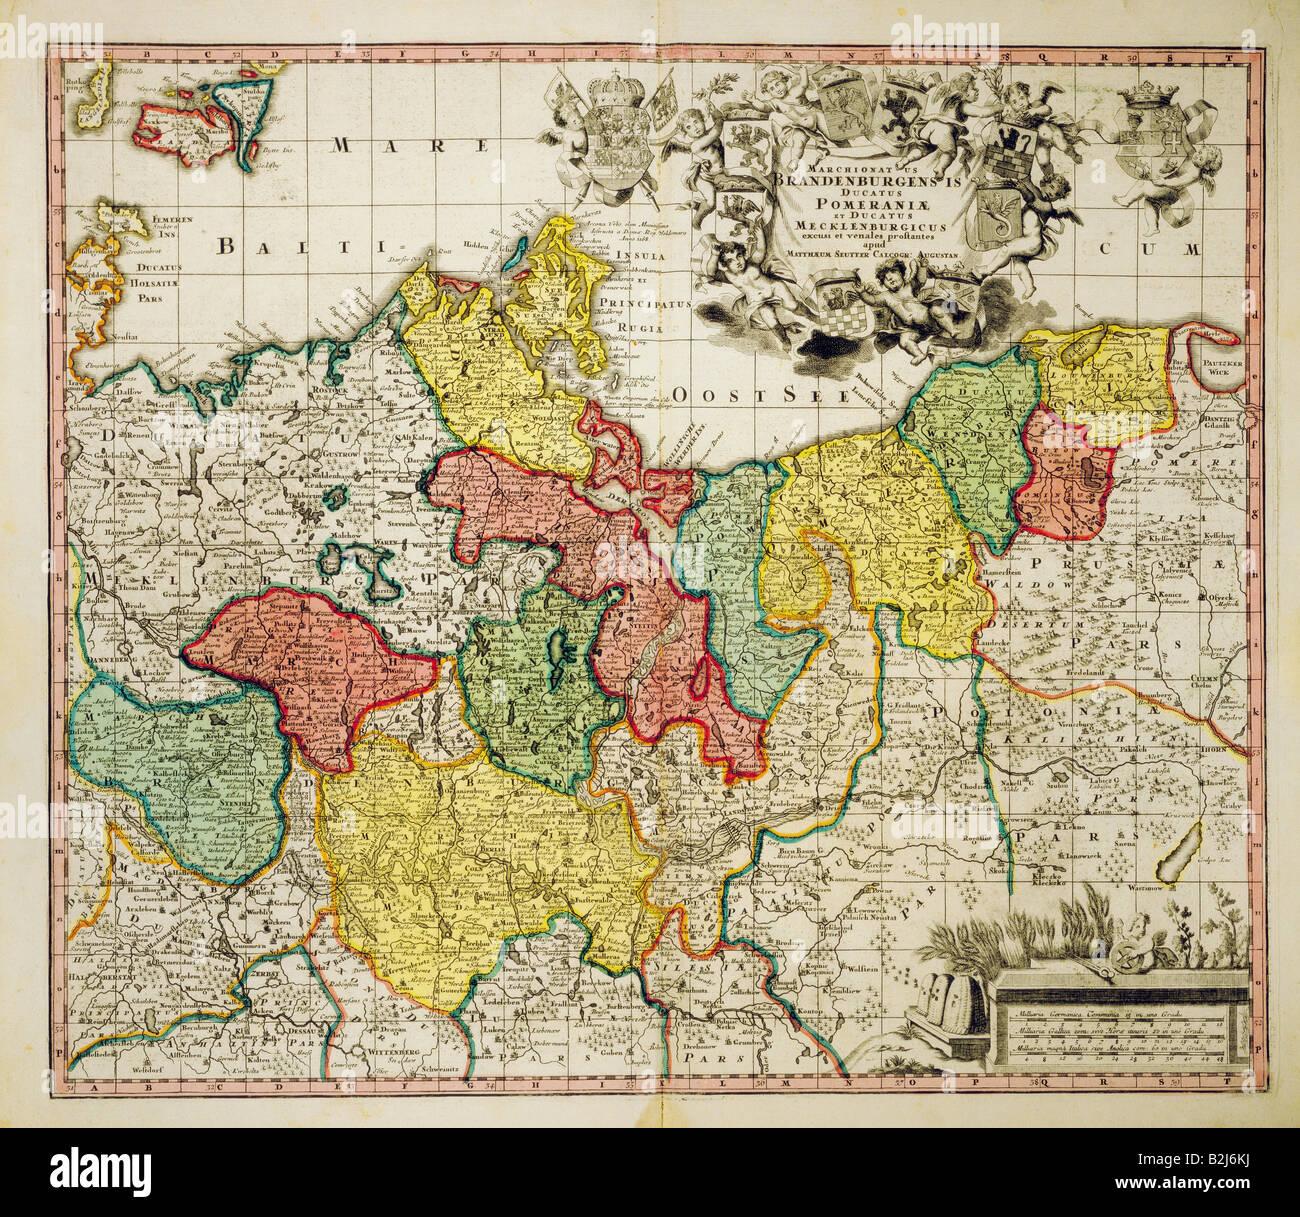 Ostsee Deutschland Karte.Kartographie Karten Deutschland Brandenburg Ostsee